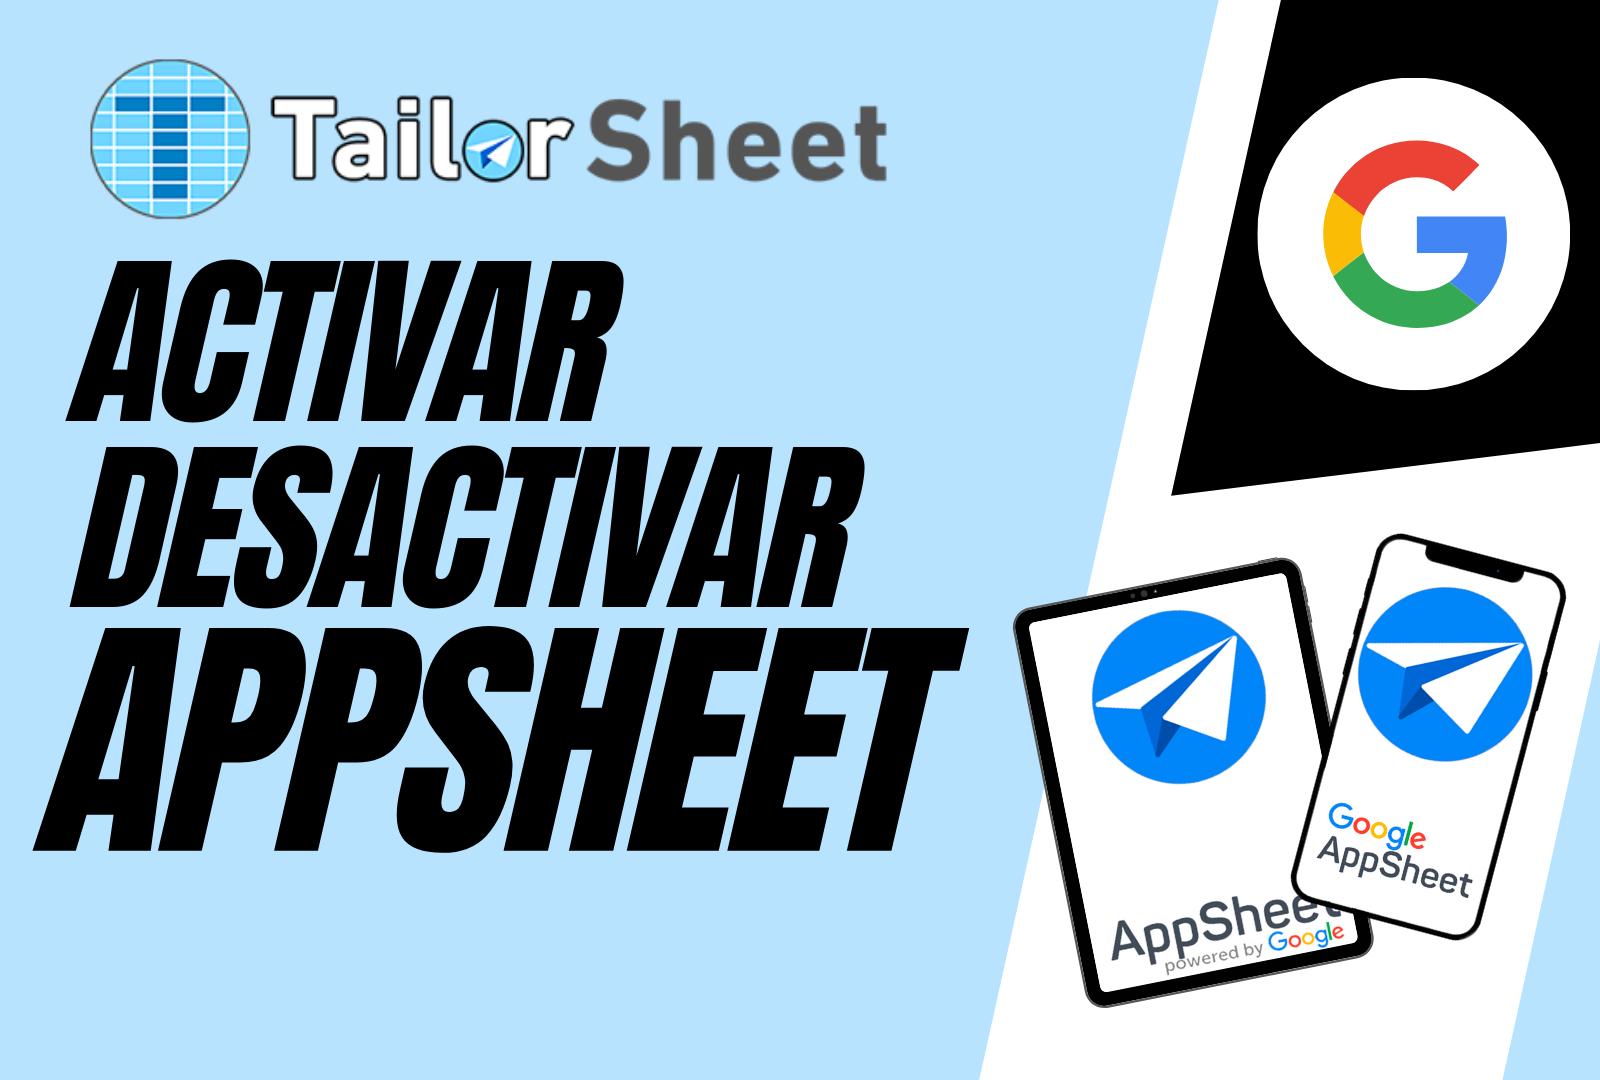 blog novedades tailorsheet appsheet google activar desactivar workspace